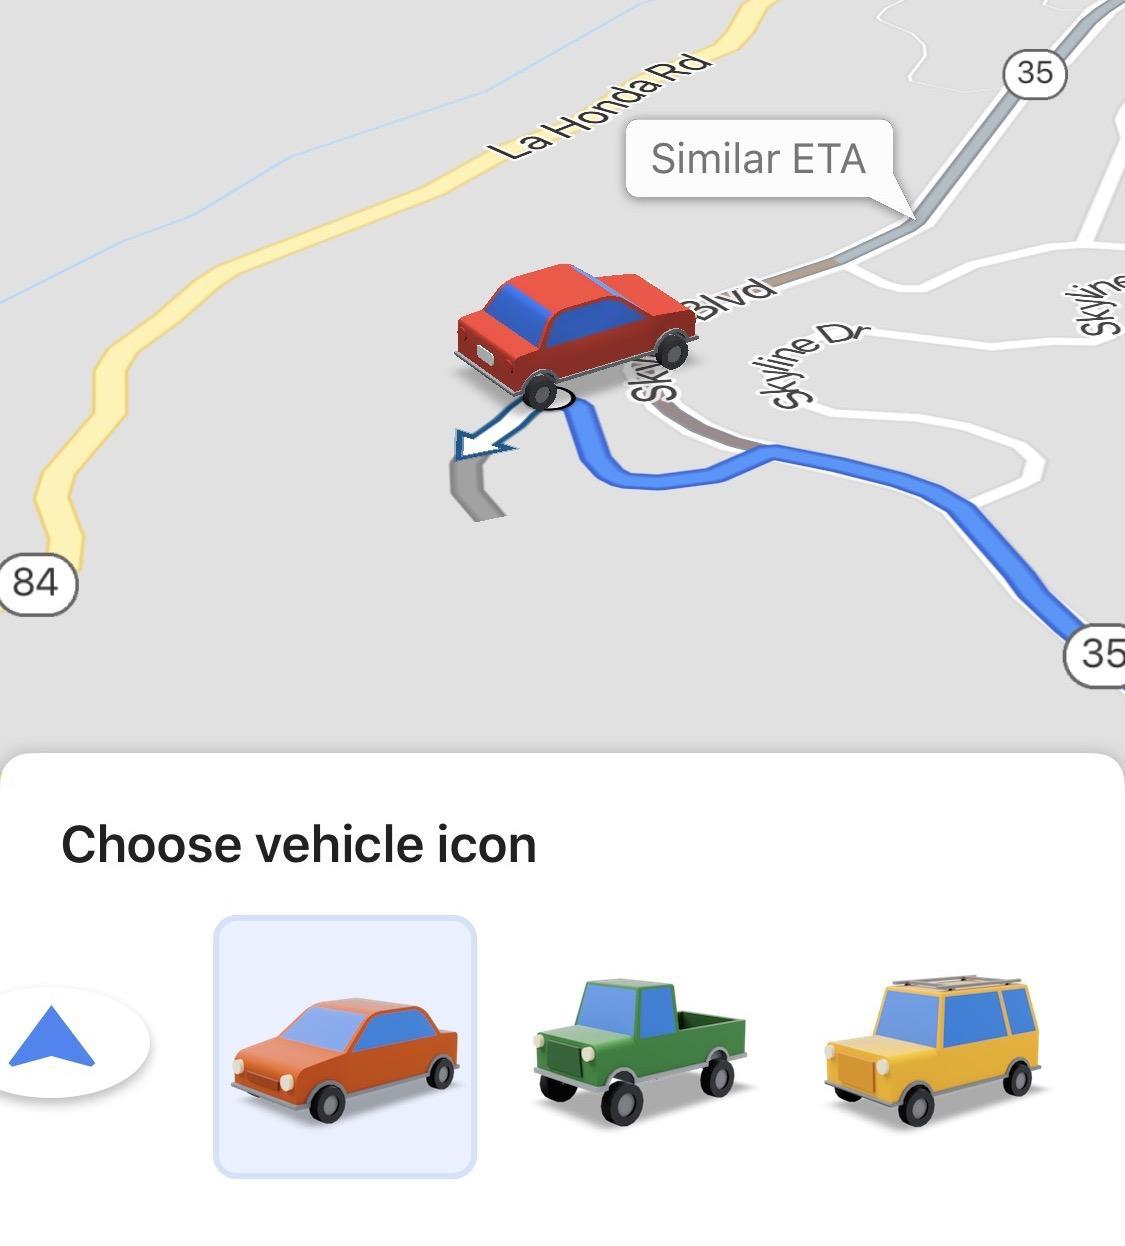 Belki de Bilmediğiniz Bazı Google Maps Özellikleri